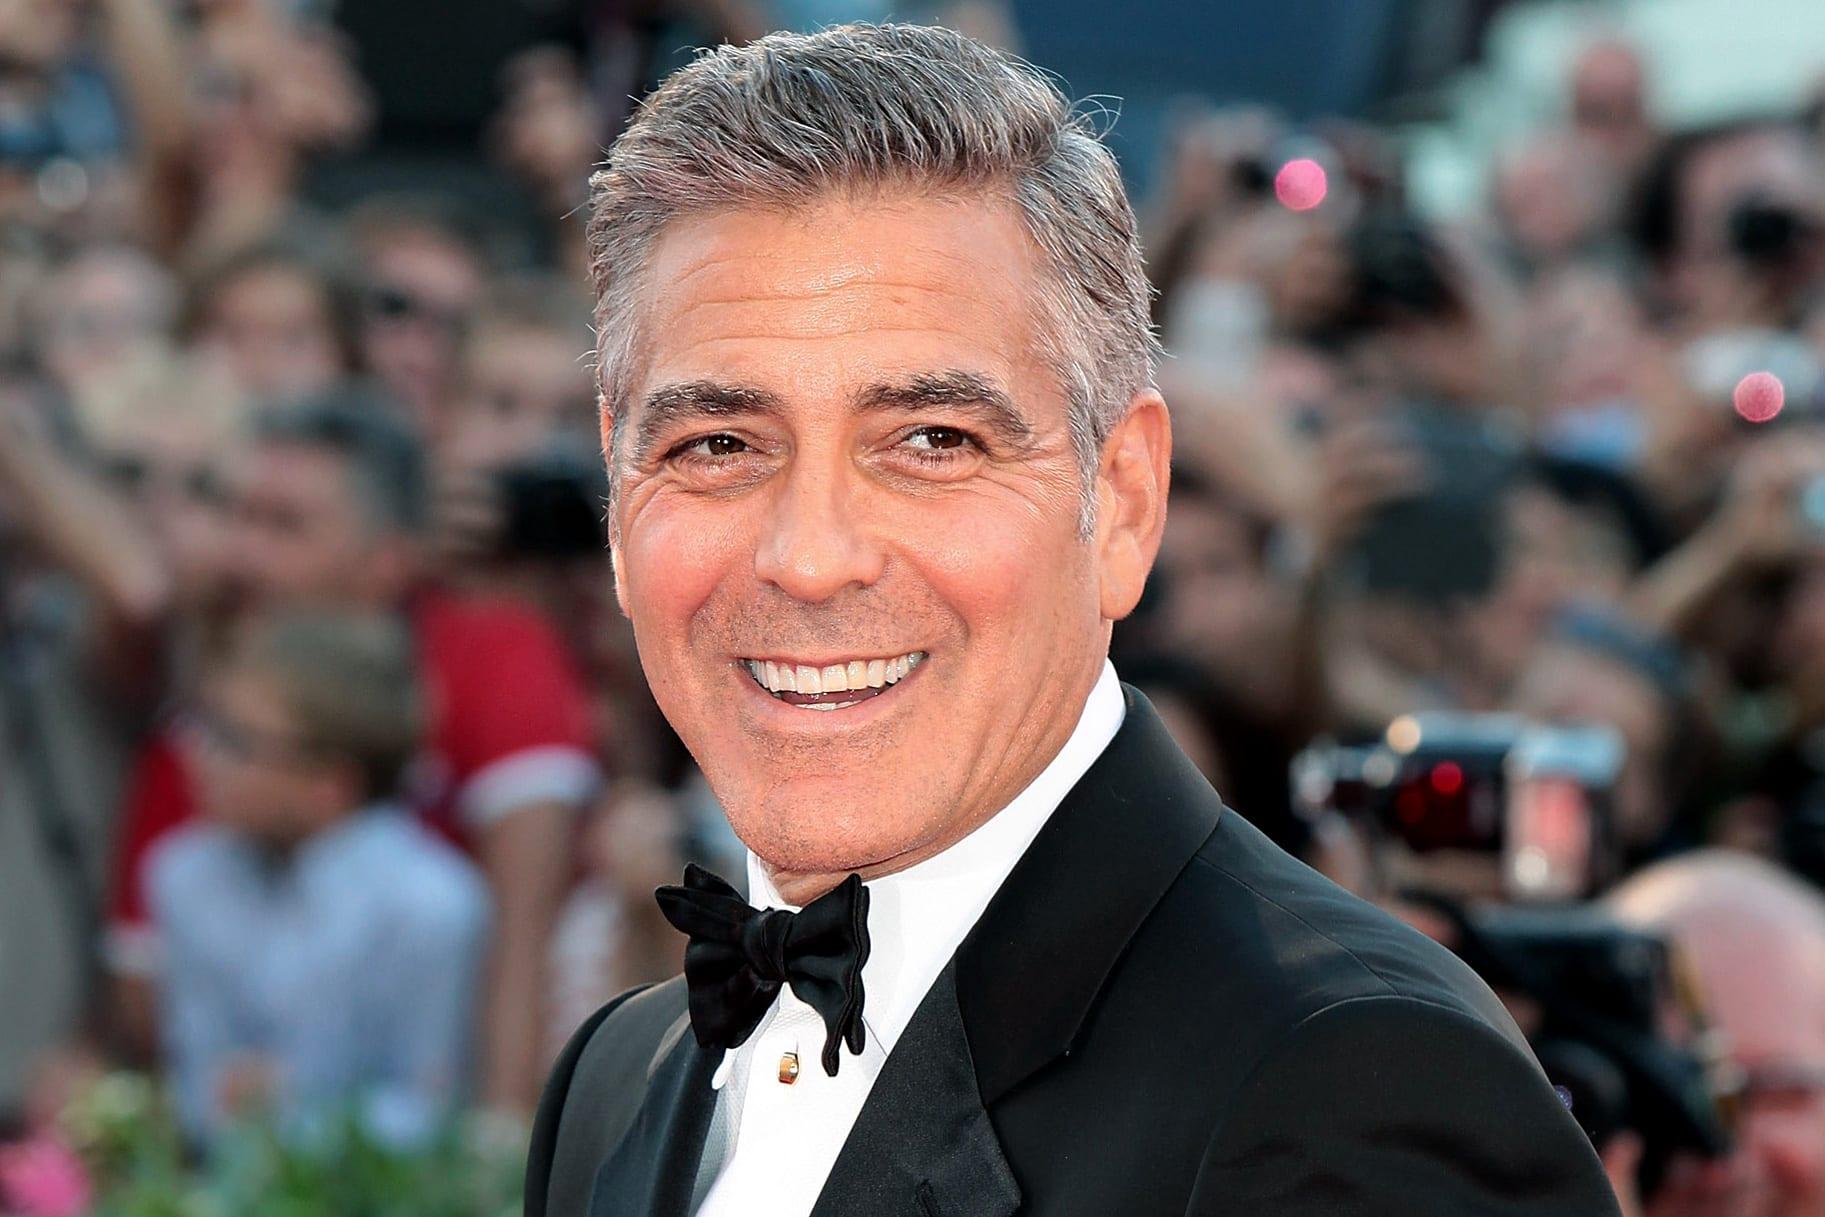 George Clooney è l'uomo più bello del mondo video - VelvetMag